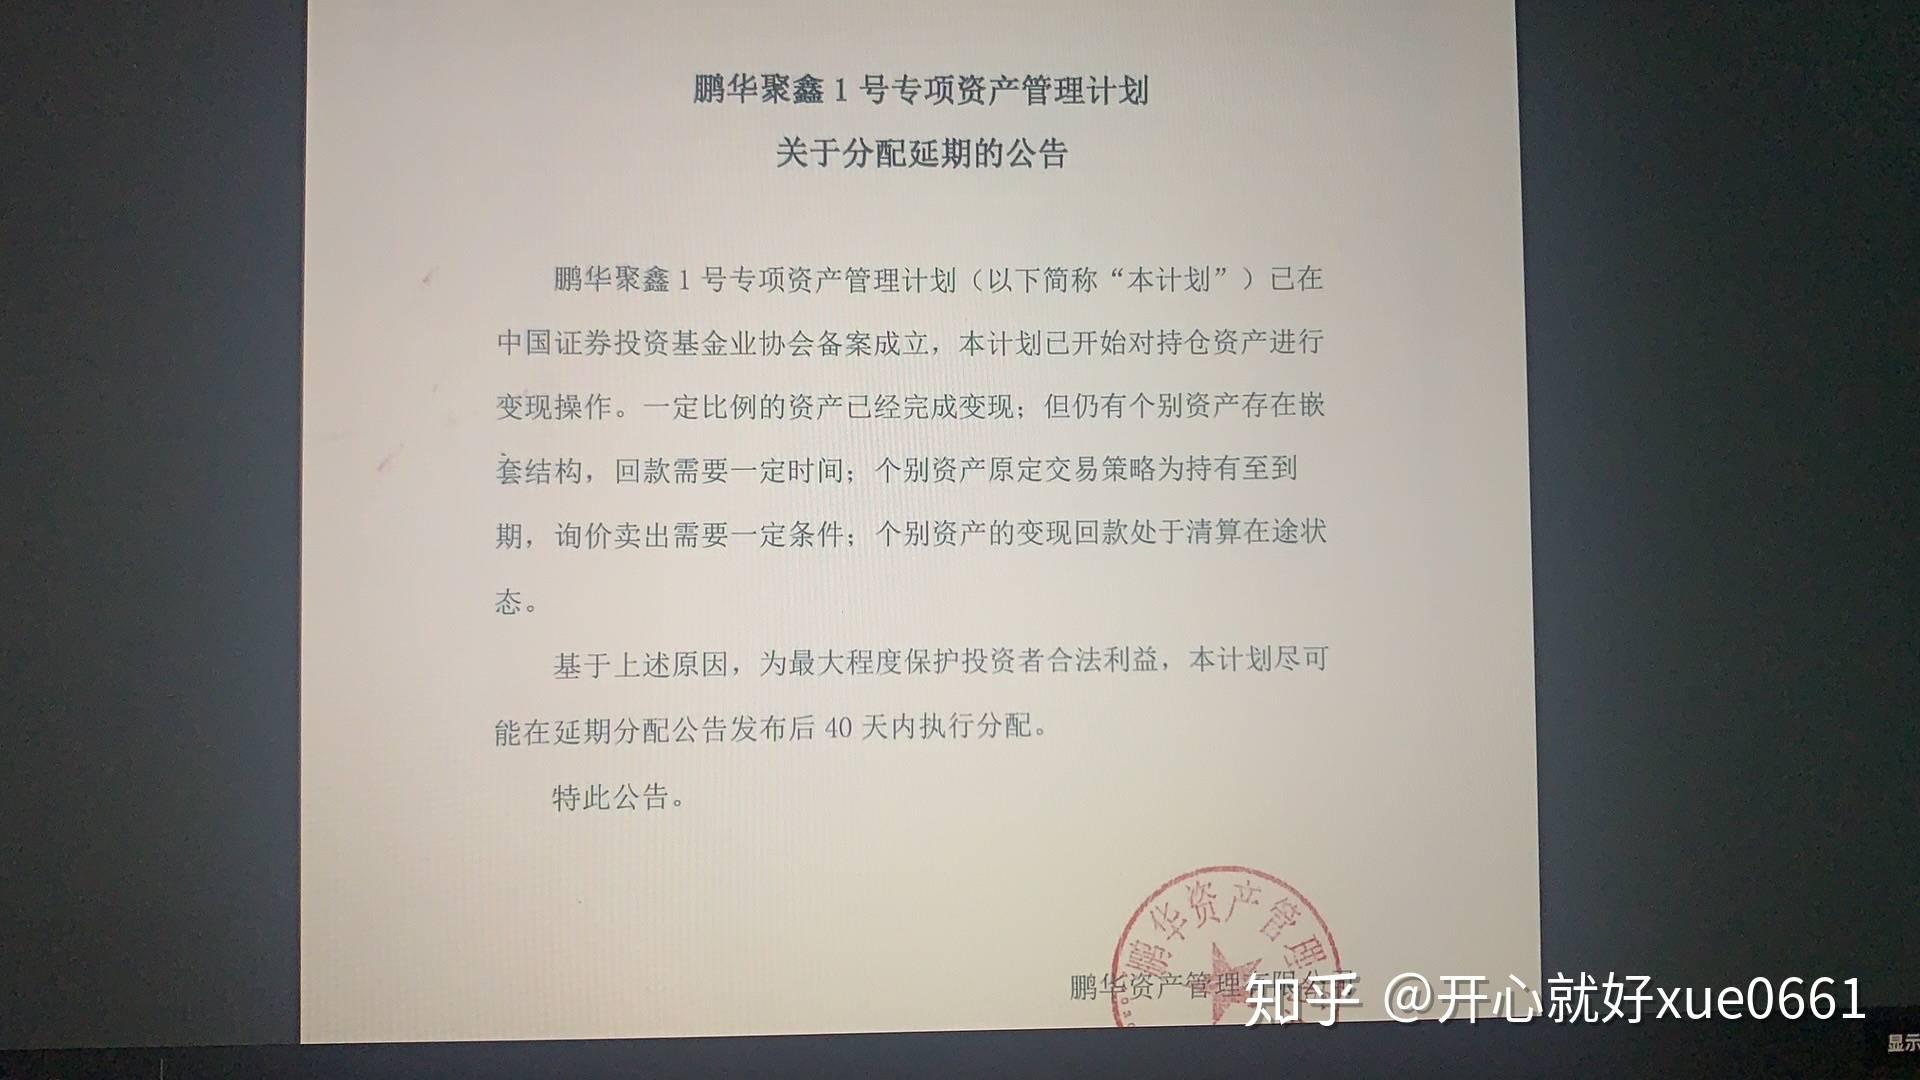 """鹏华基金子公司踩雷,代销机构工行却""""积极""""兑付,缘何?     第2张"""